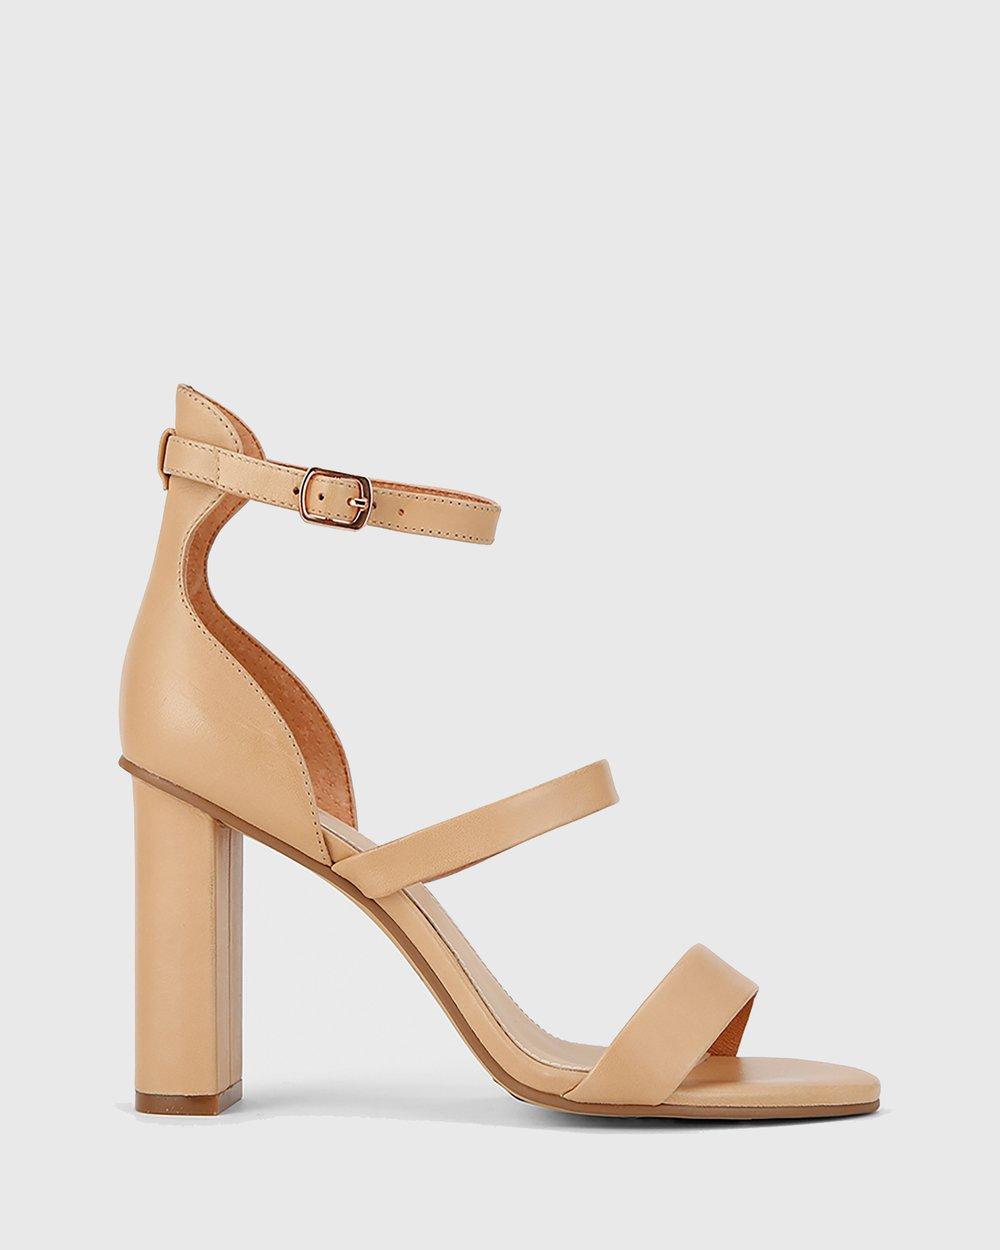 7c28177a956 Rivera Three Strap Block Heel Sandals by Wittner Online